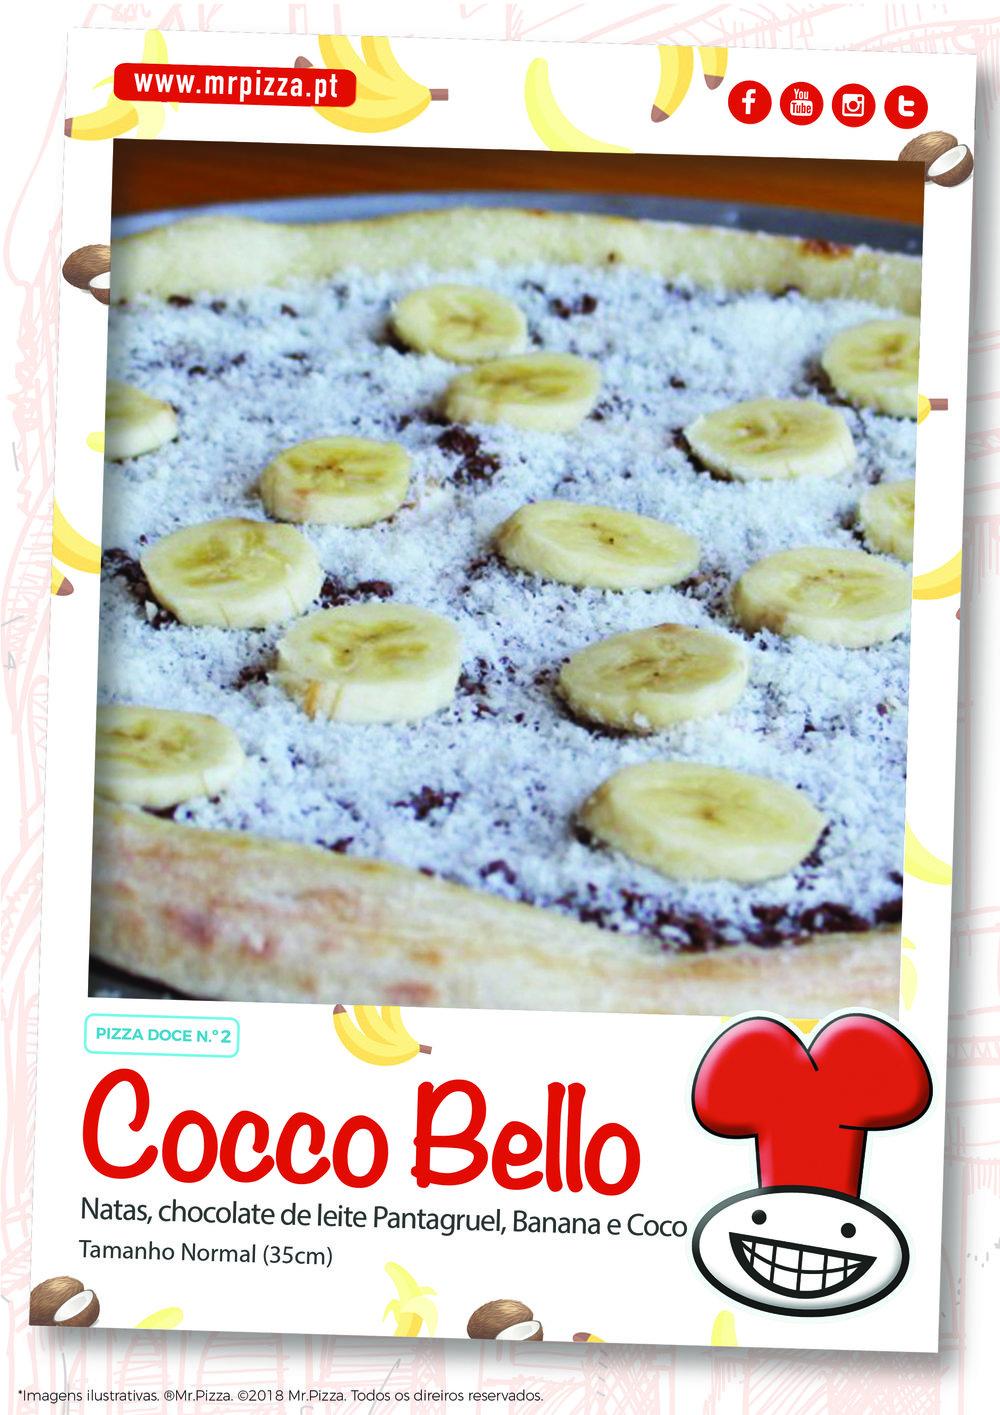 cocco bello 2.jpg